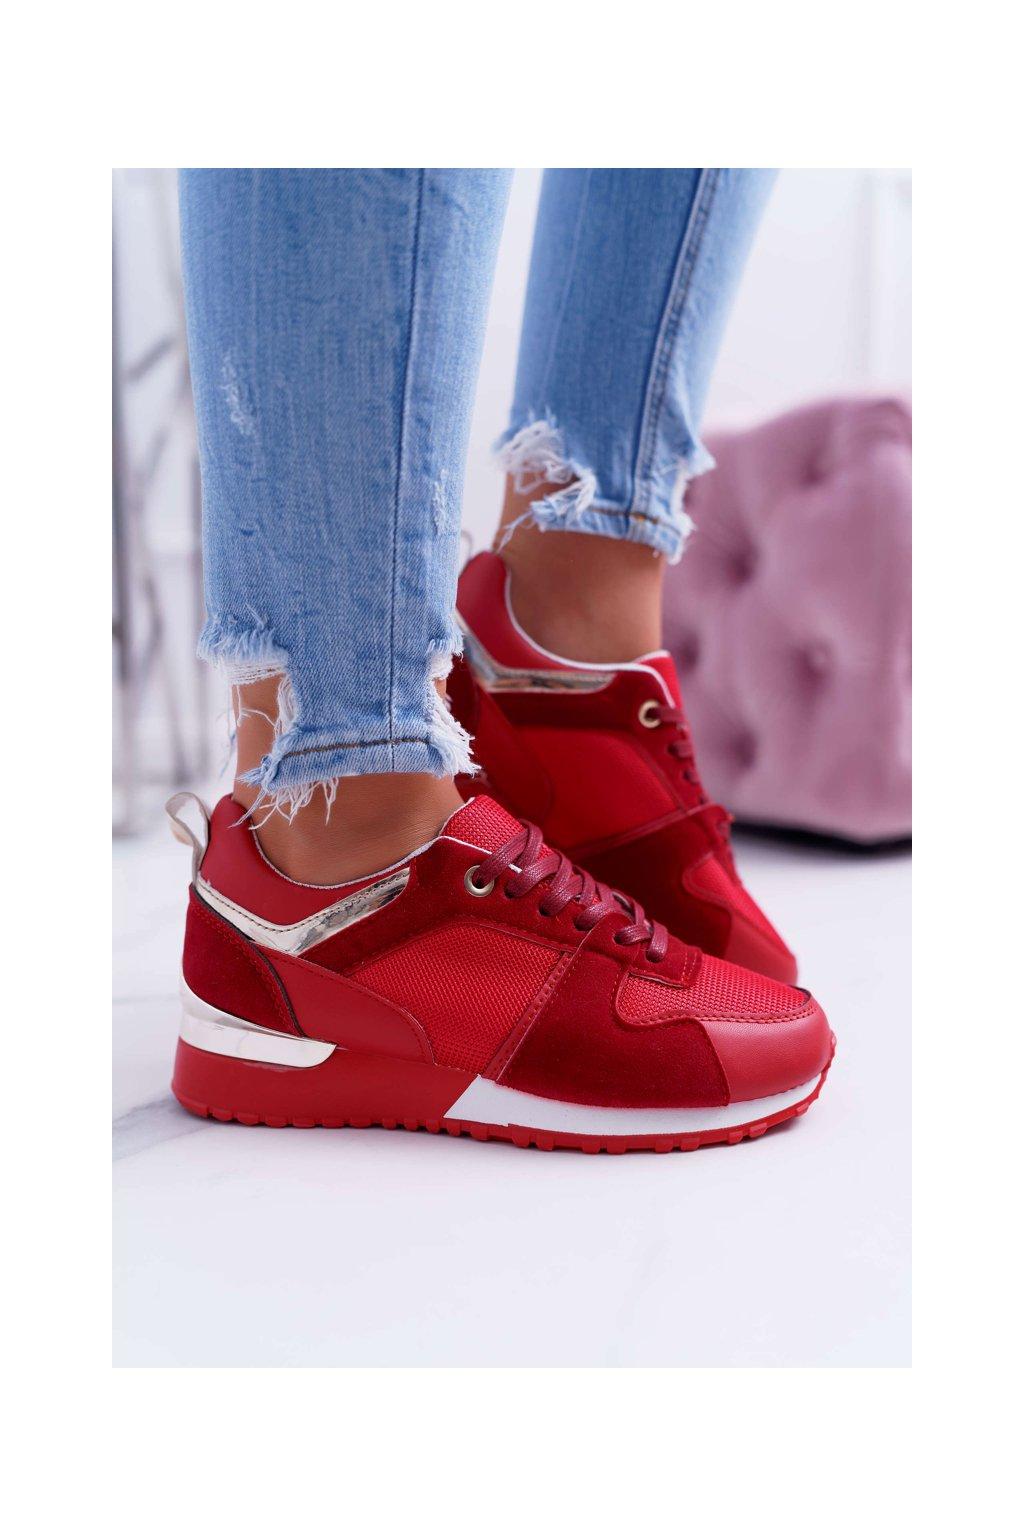 Dámska športová obuv Červené Merido